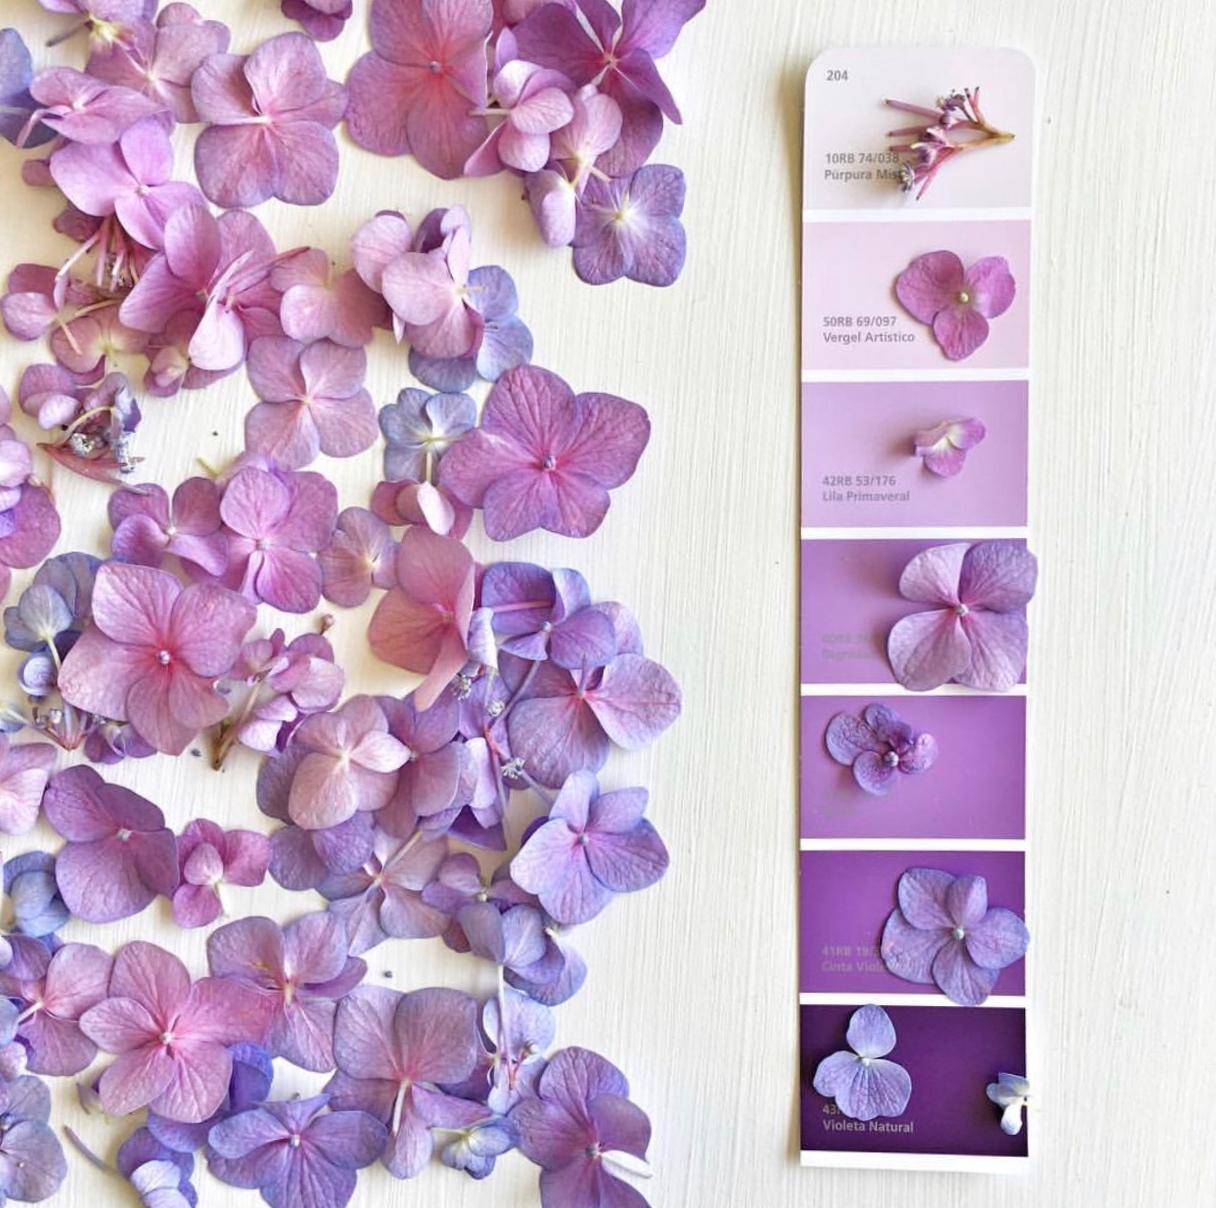 El violeta en el jardín por @itasflowers